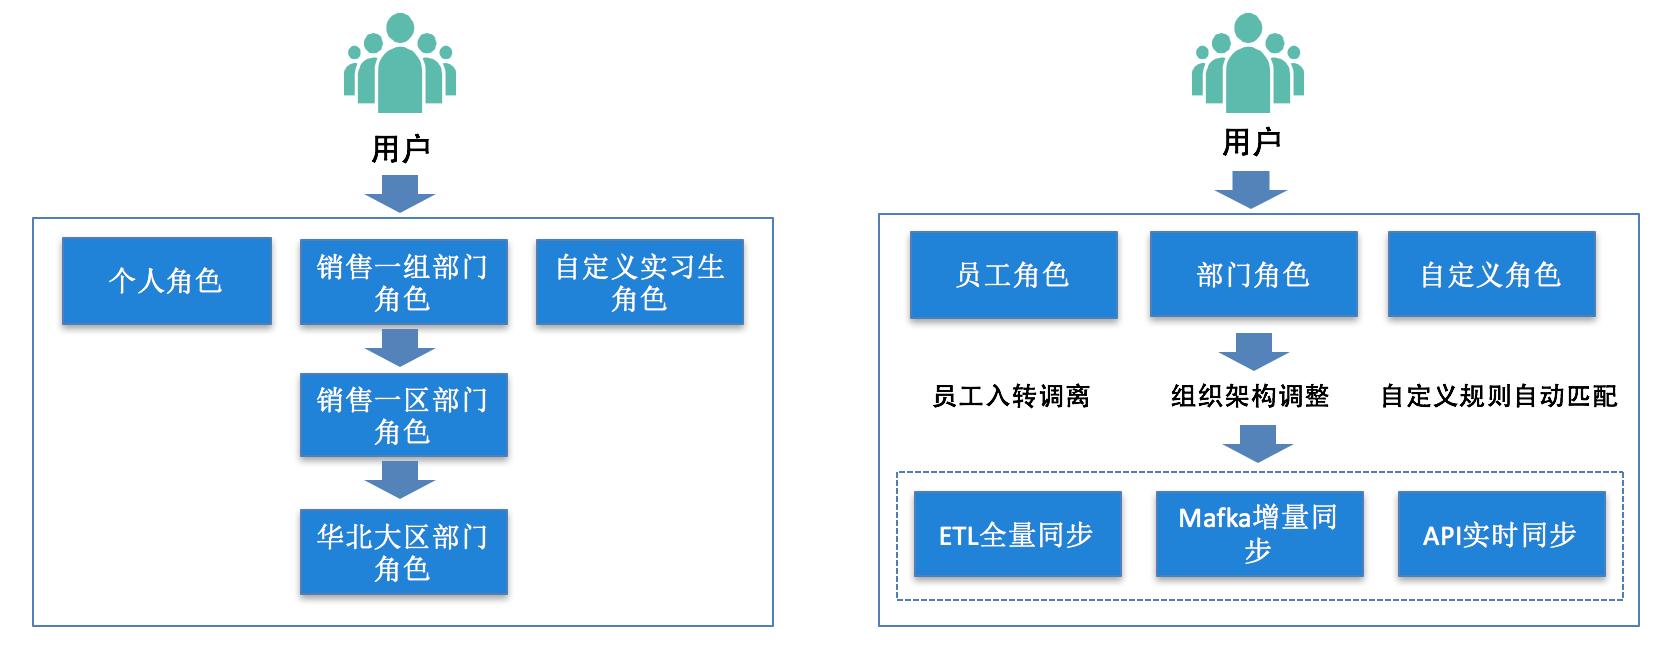 图4 用户中心